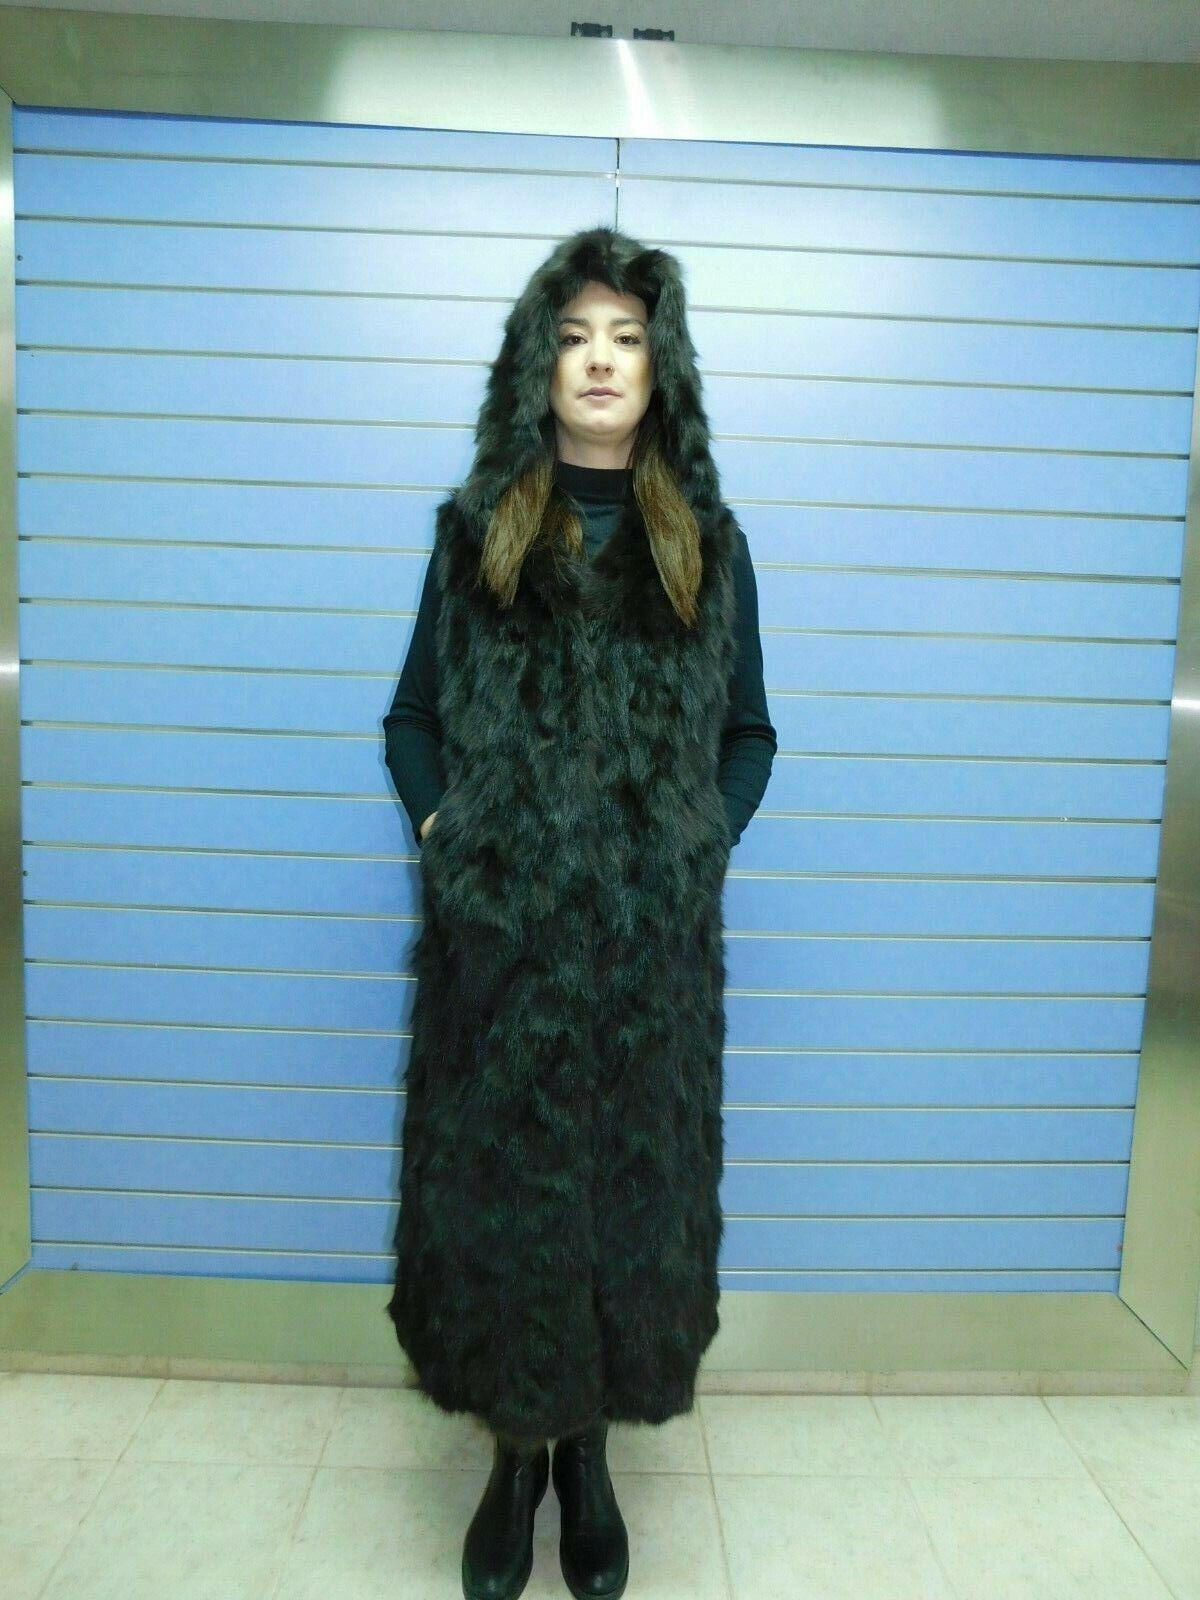 Natural Genuine Sabel Fur Vest Long With Hood- Fur Vest With Hood Russian Sabel